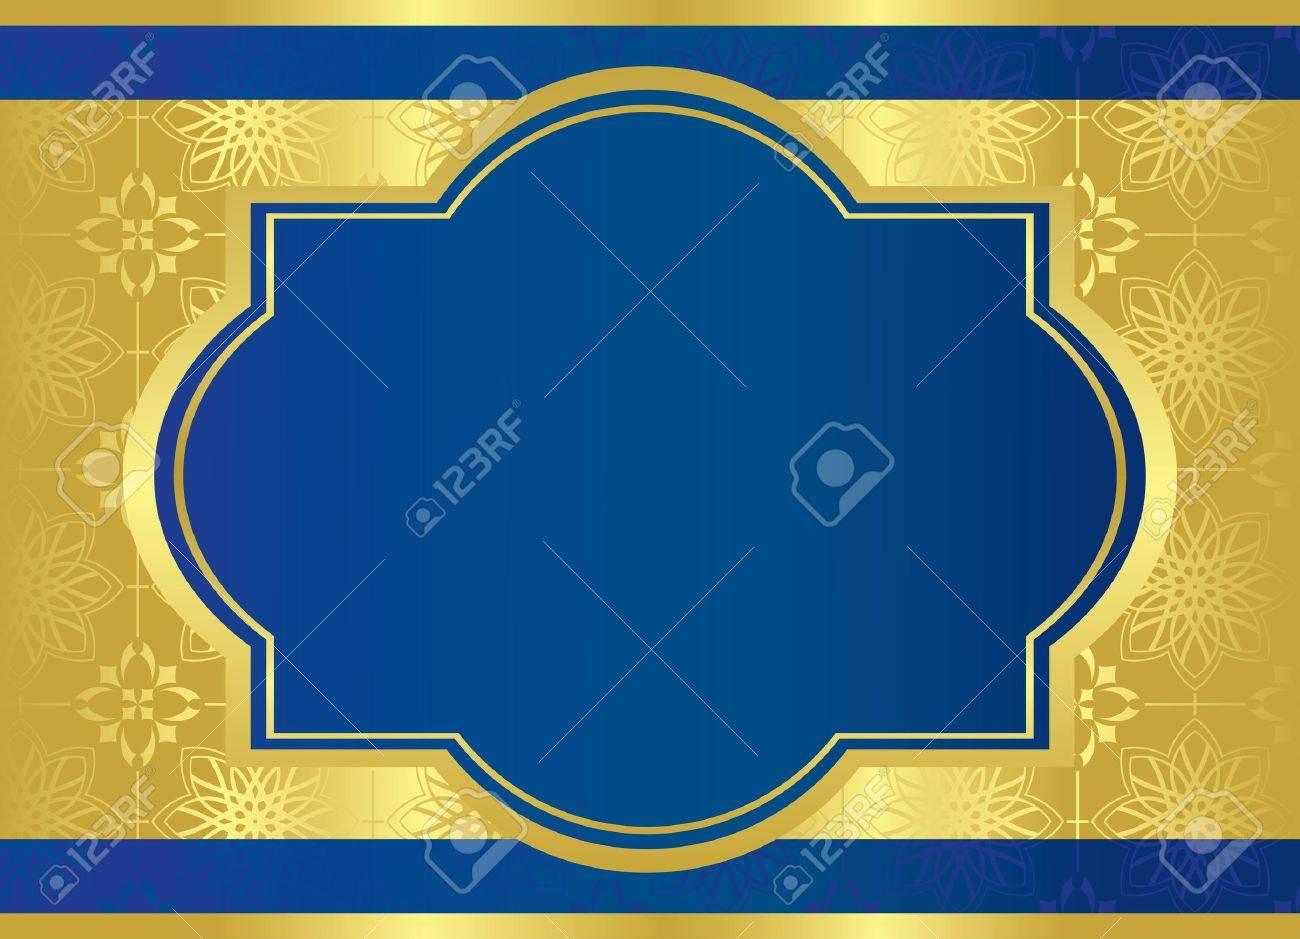 vector blue card with golden center frame Stock Vector - 9482846